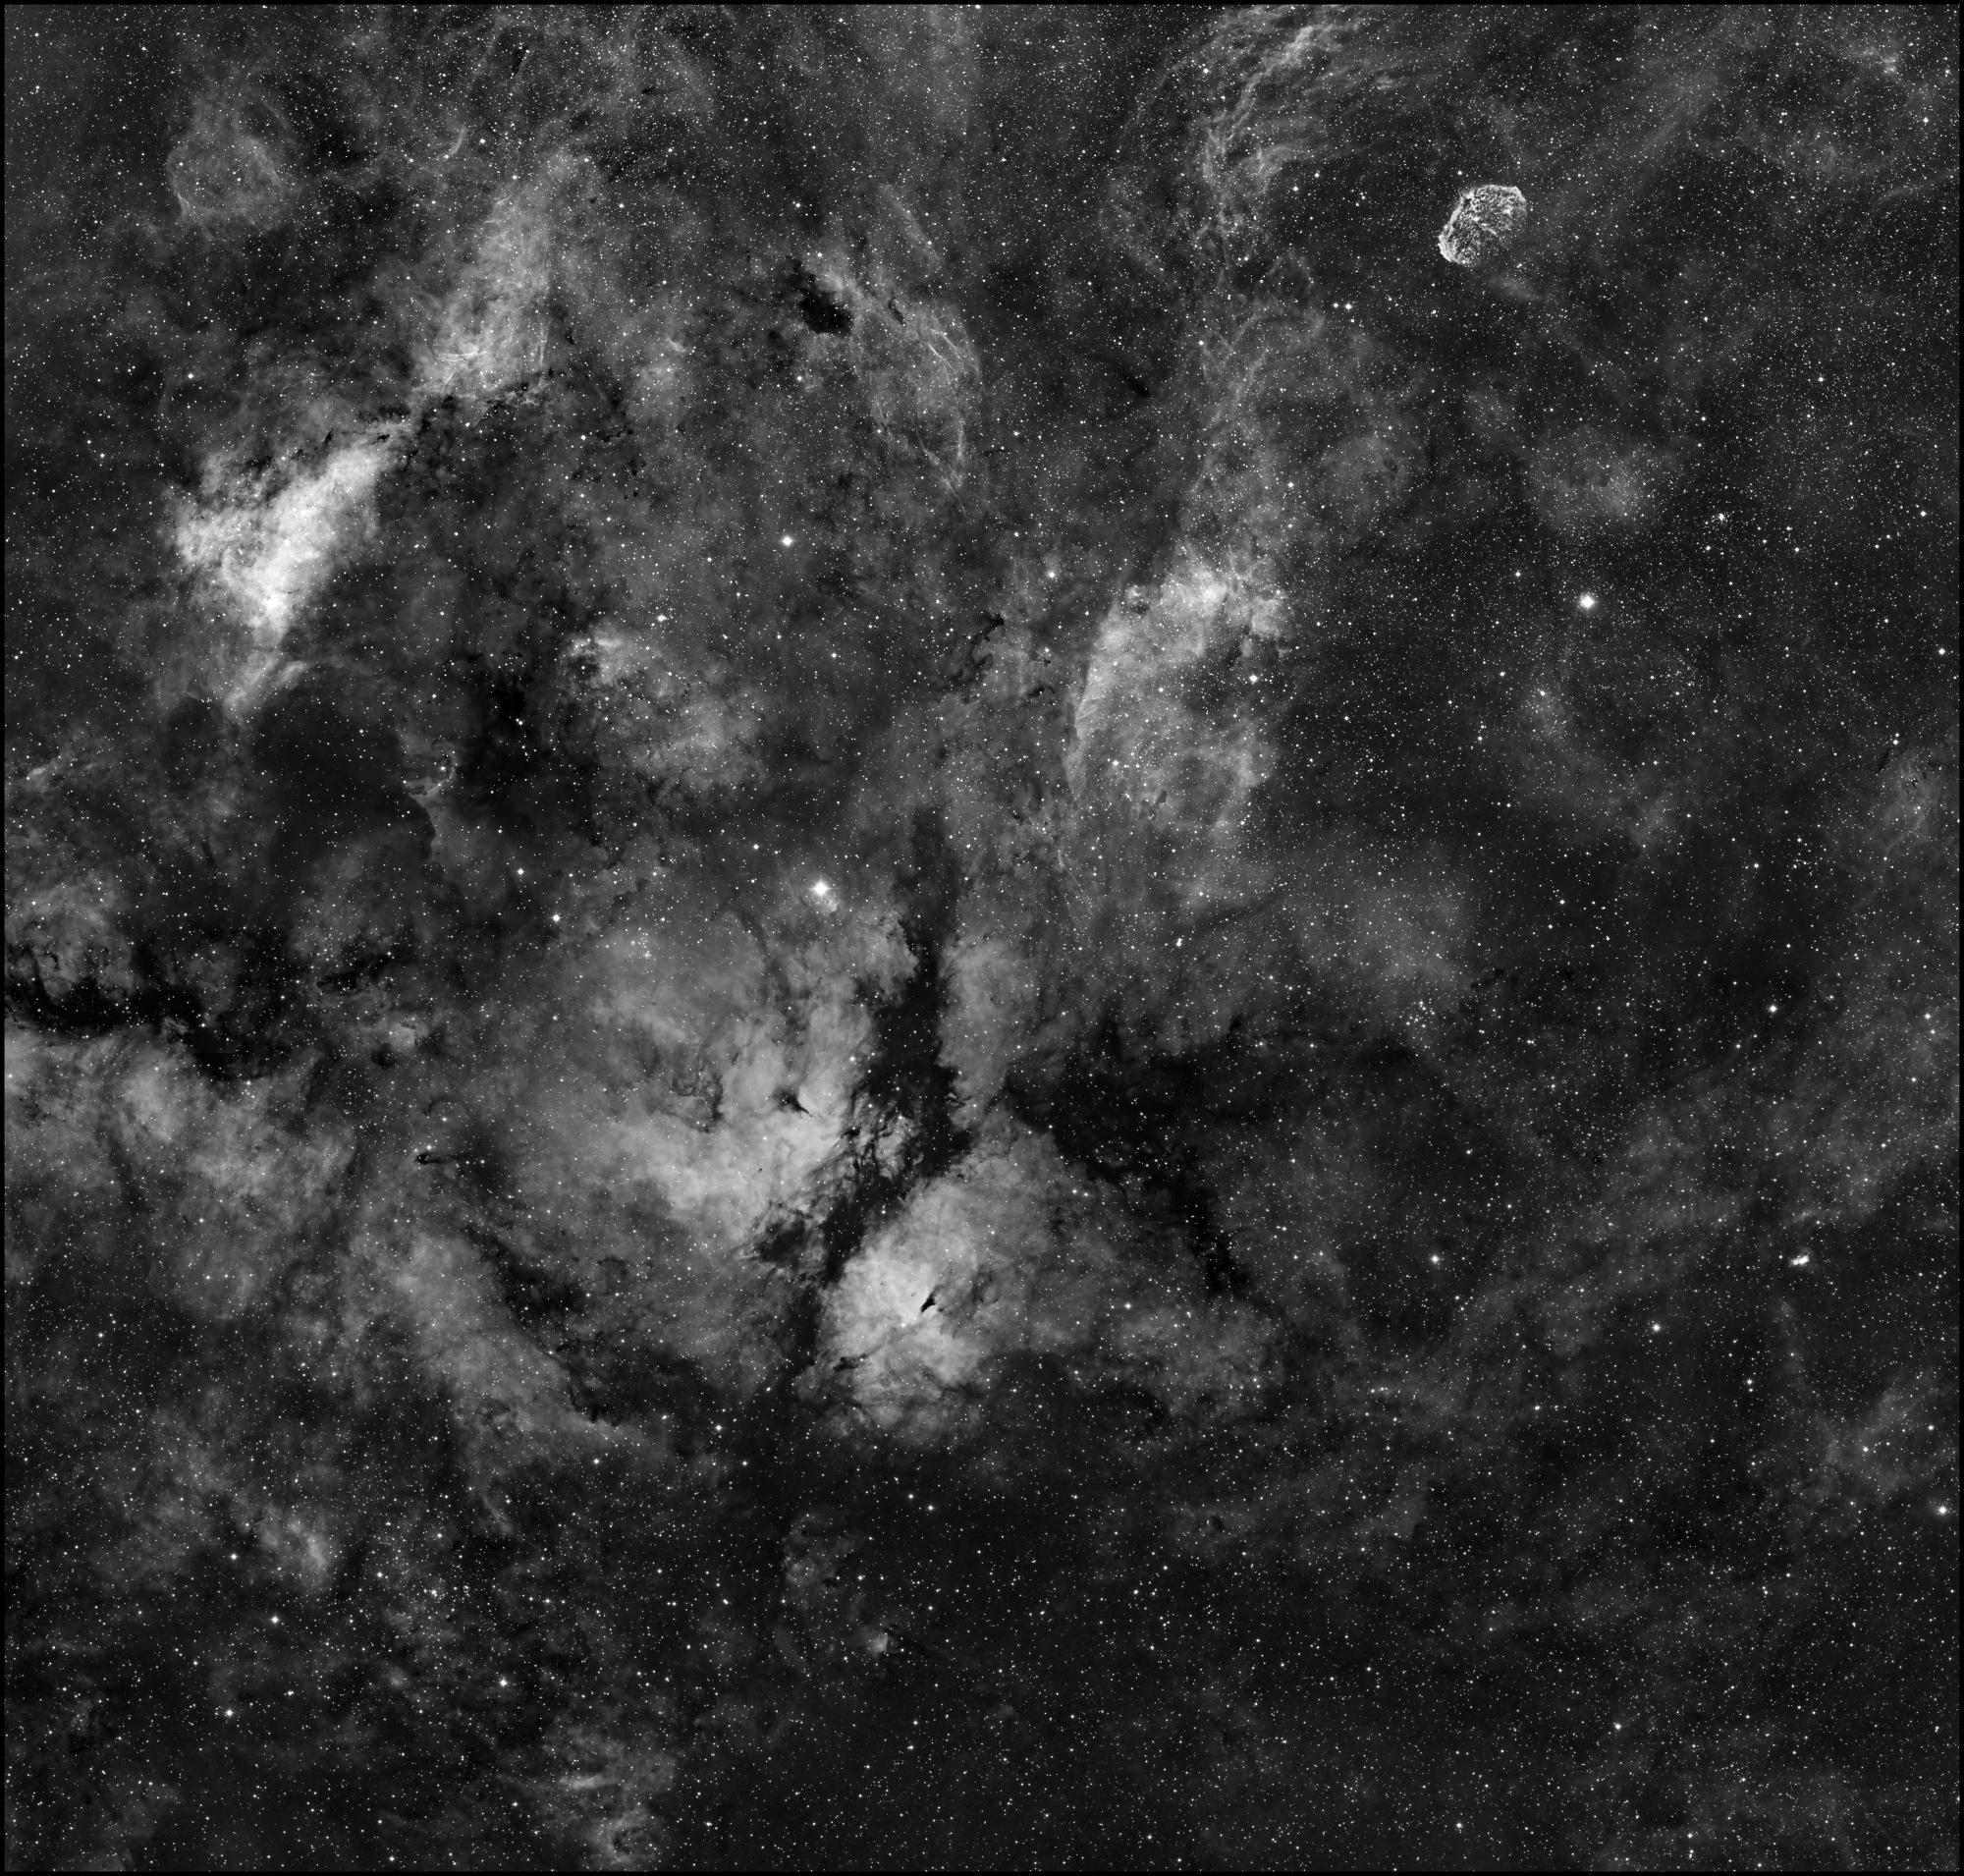 Sadr-Mosaic-6P.jpg